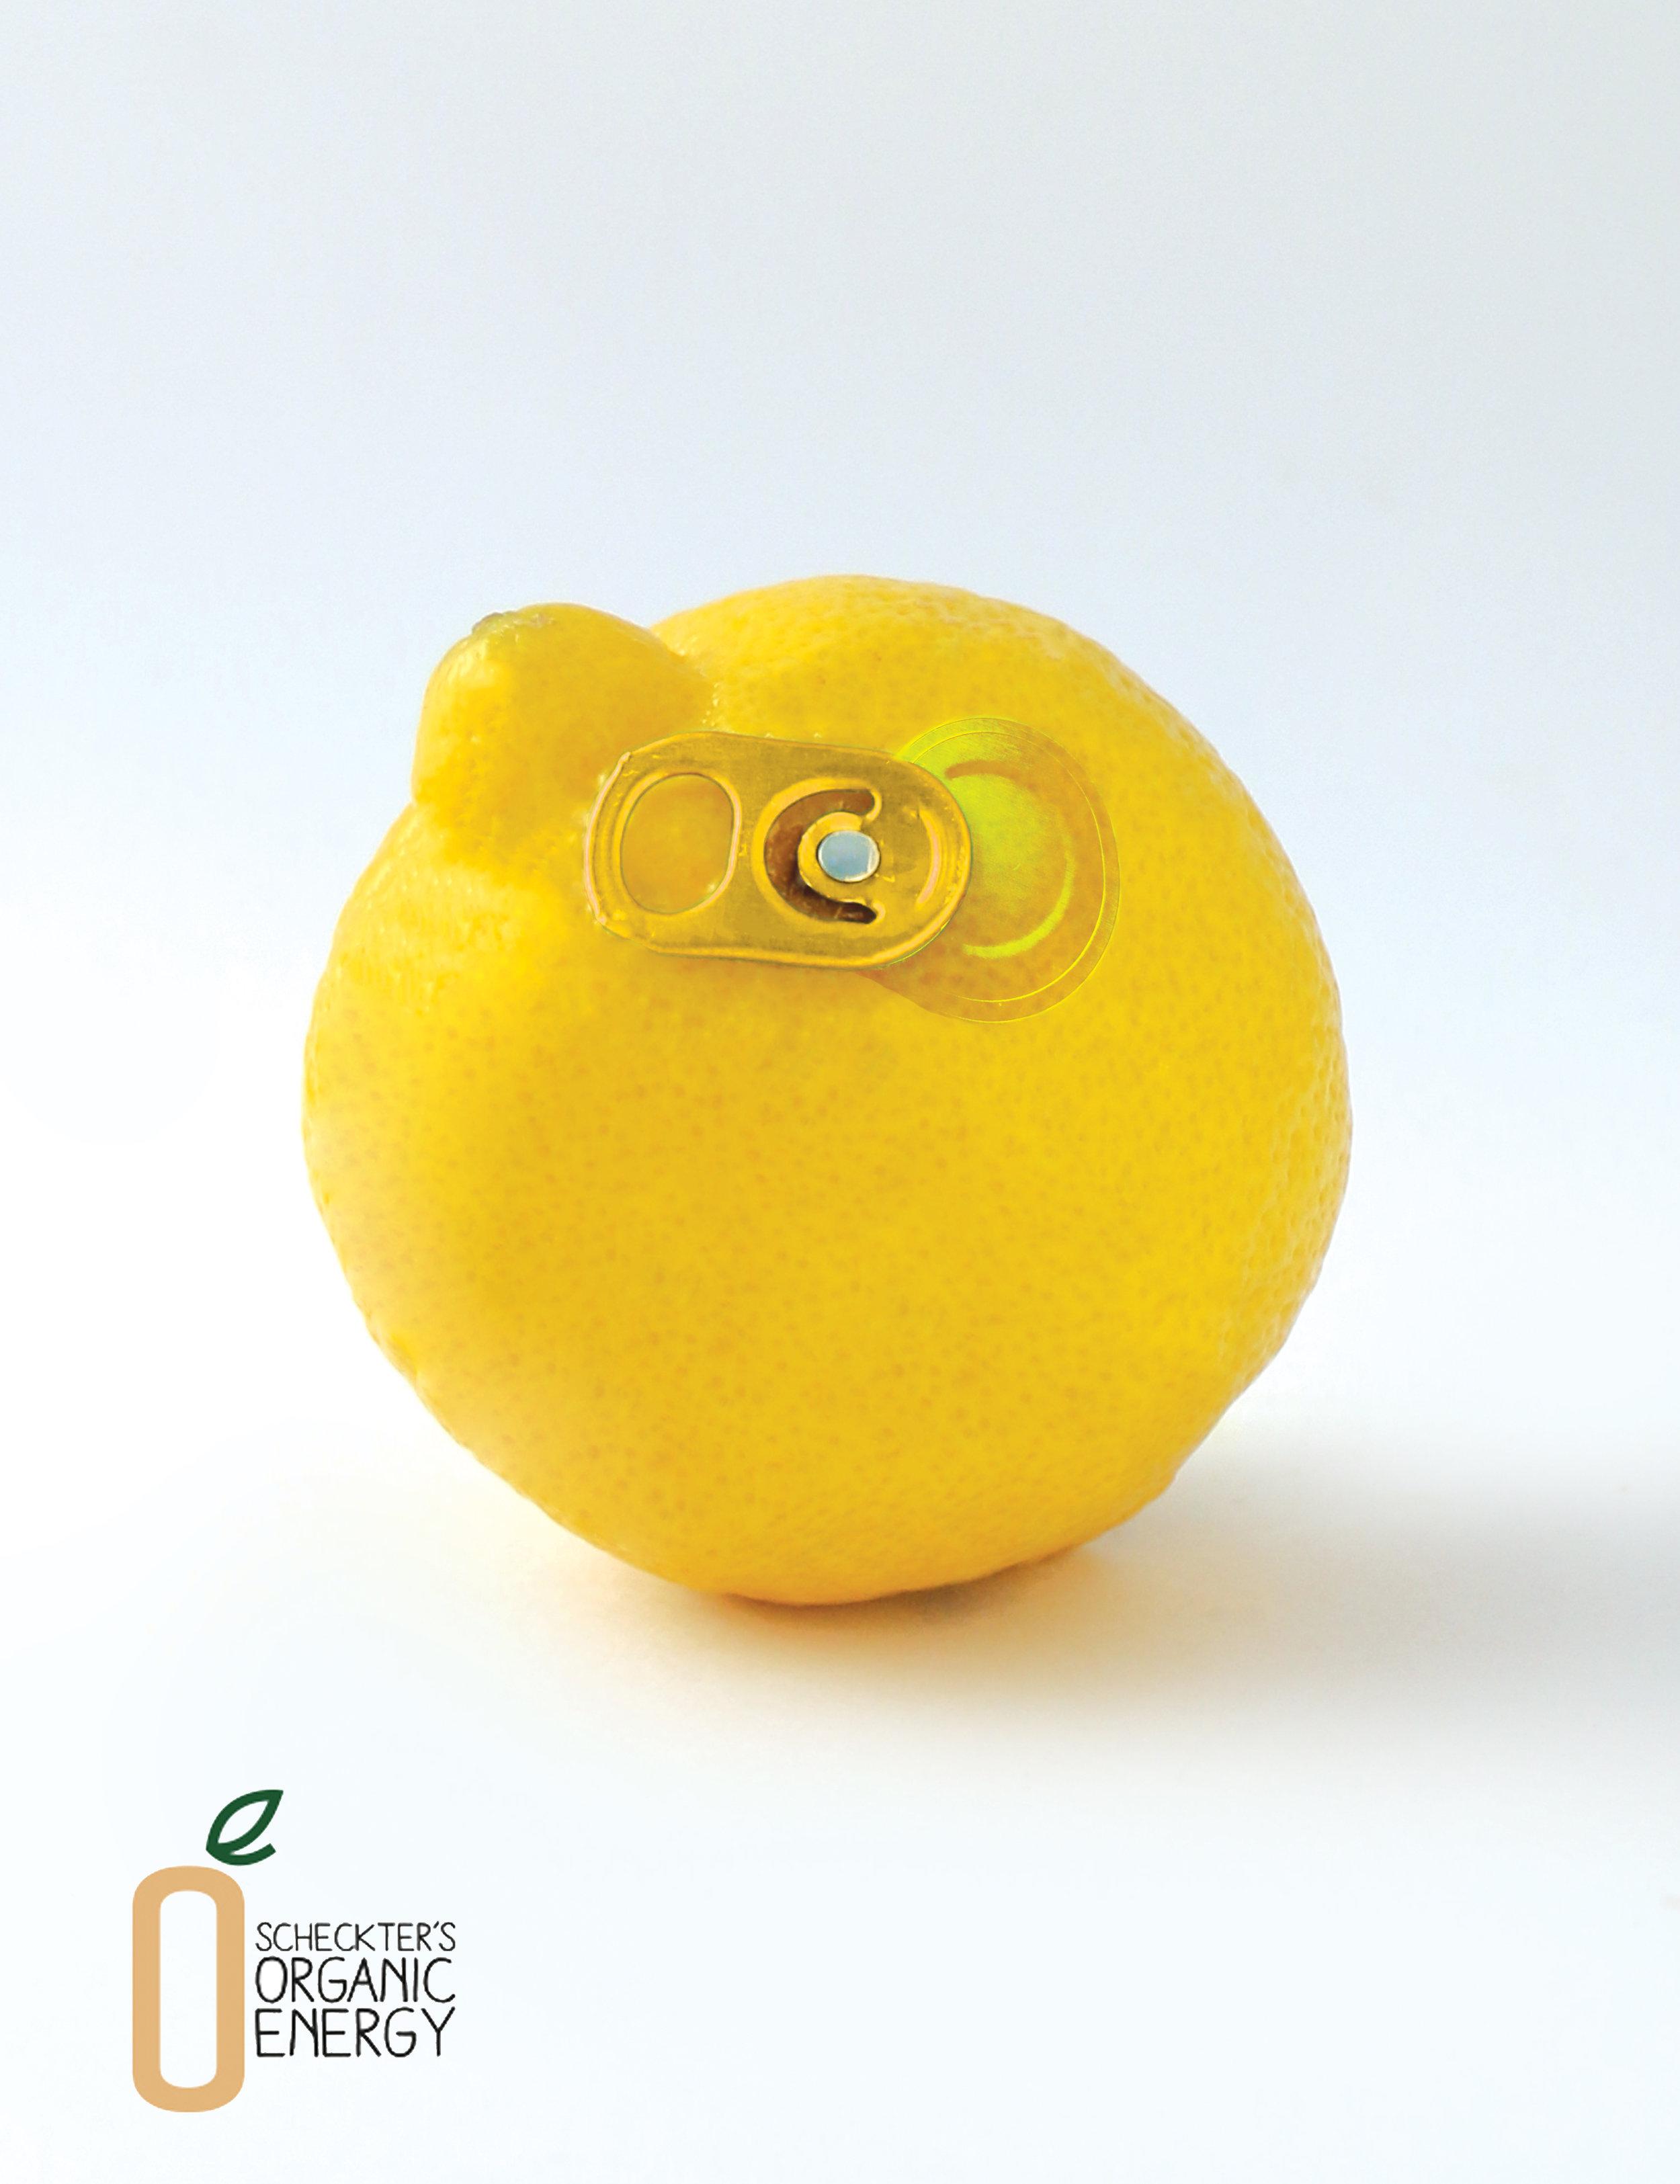 lemonfinal.jpg